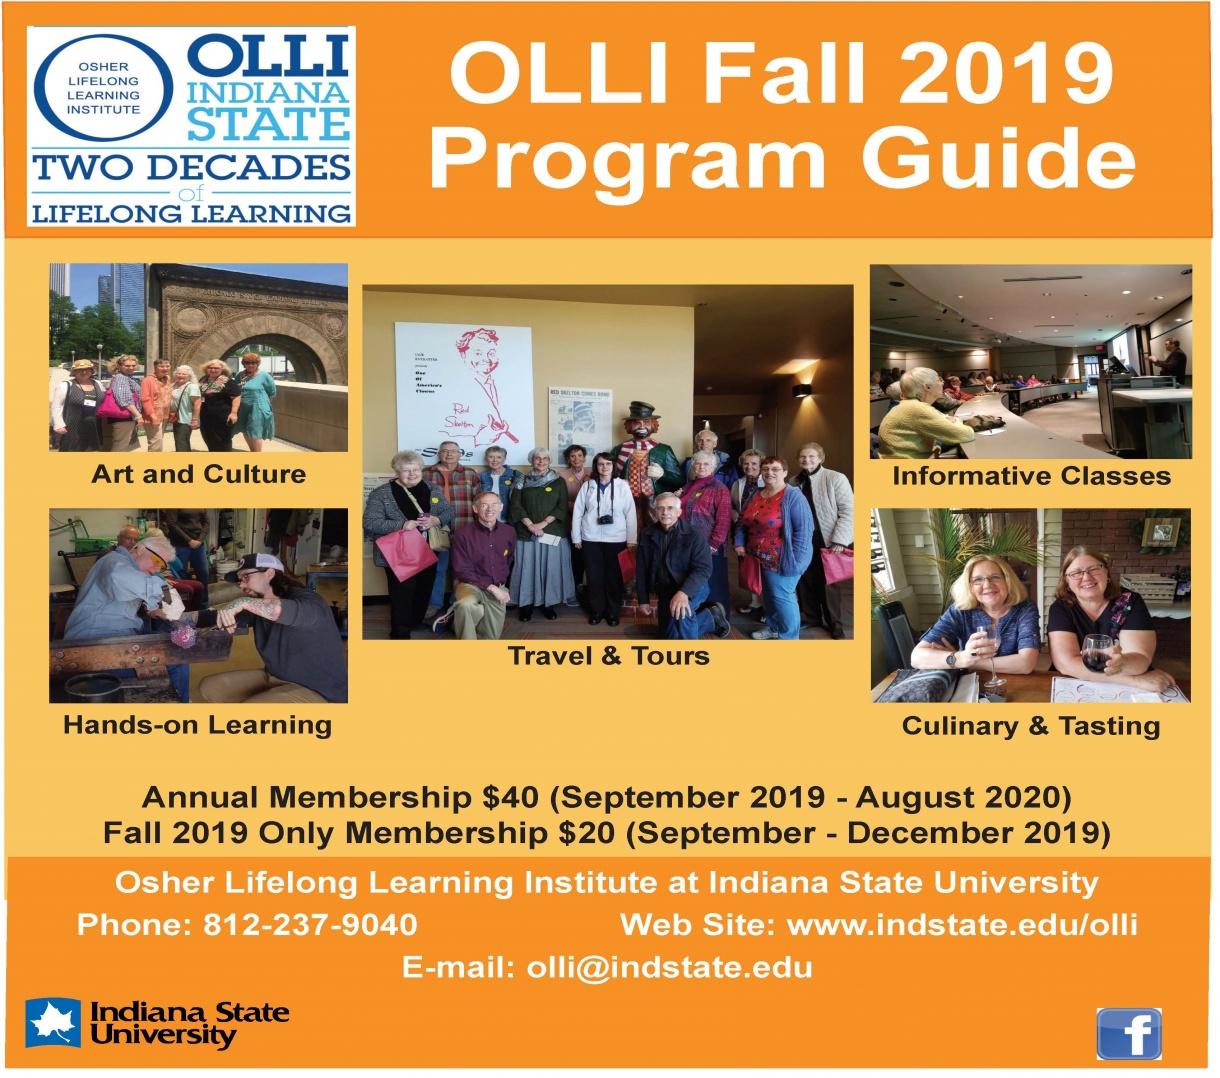 OLLI Fall 2019 Program Guide.jpg